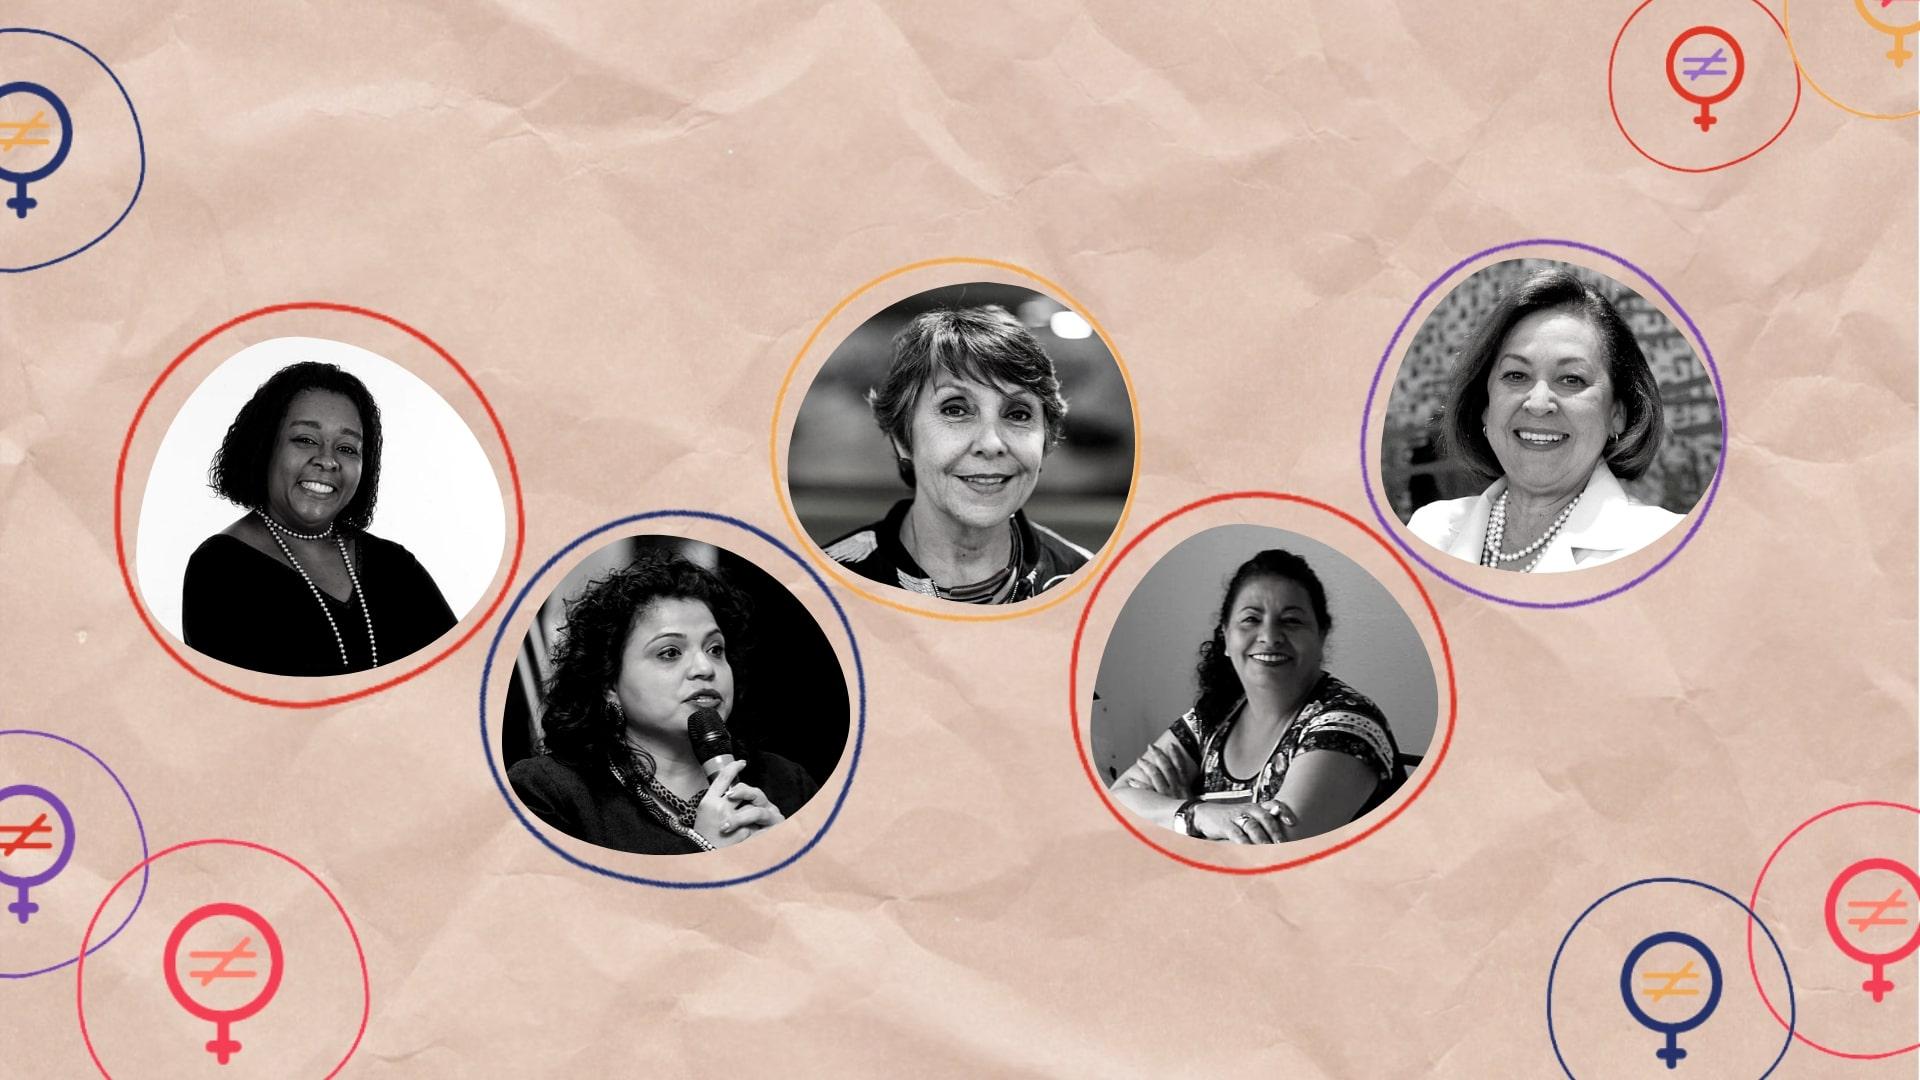 Foto de divulgação de evento que reúne as miniaturas de rosto das cinco participantes do webinário 'Educação como prevenção à violência contra meninas e mulheres'. São elas: Lídice da Mata, Maria Guaneci Marques de Ávila, Erika Kokay, Ingrid Leão e Regina Célia A. S. Barbosa.